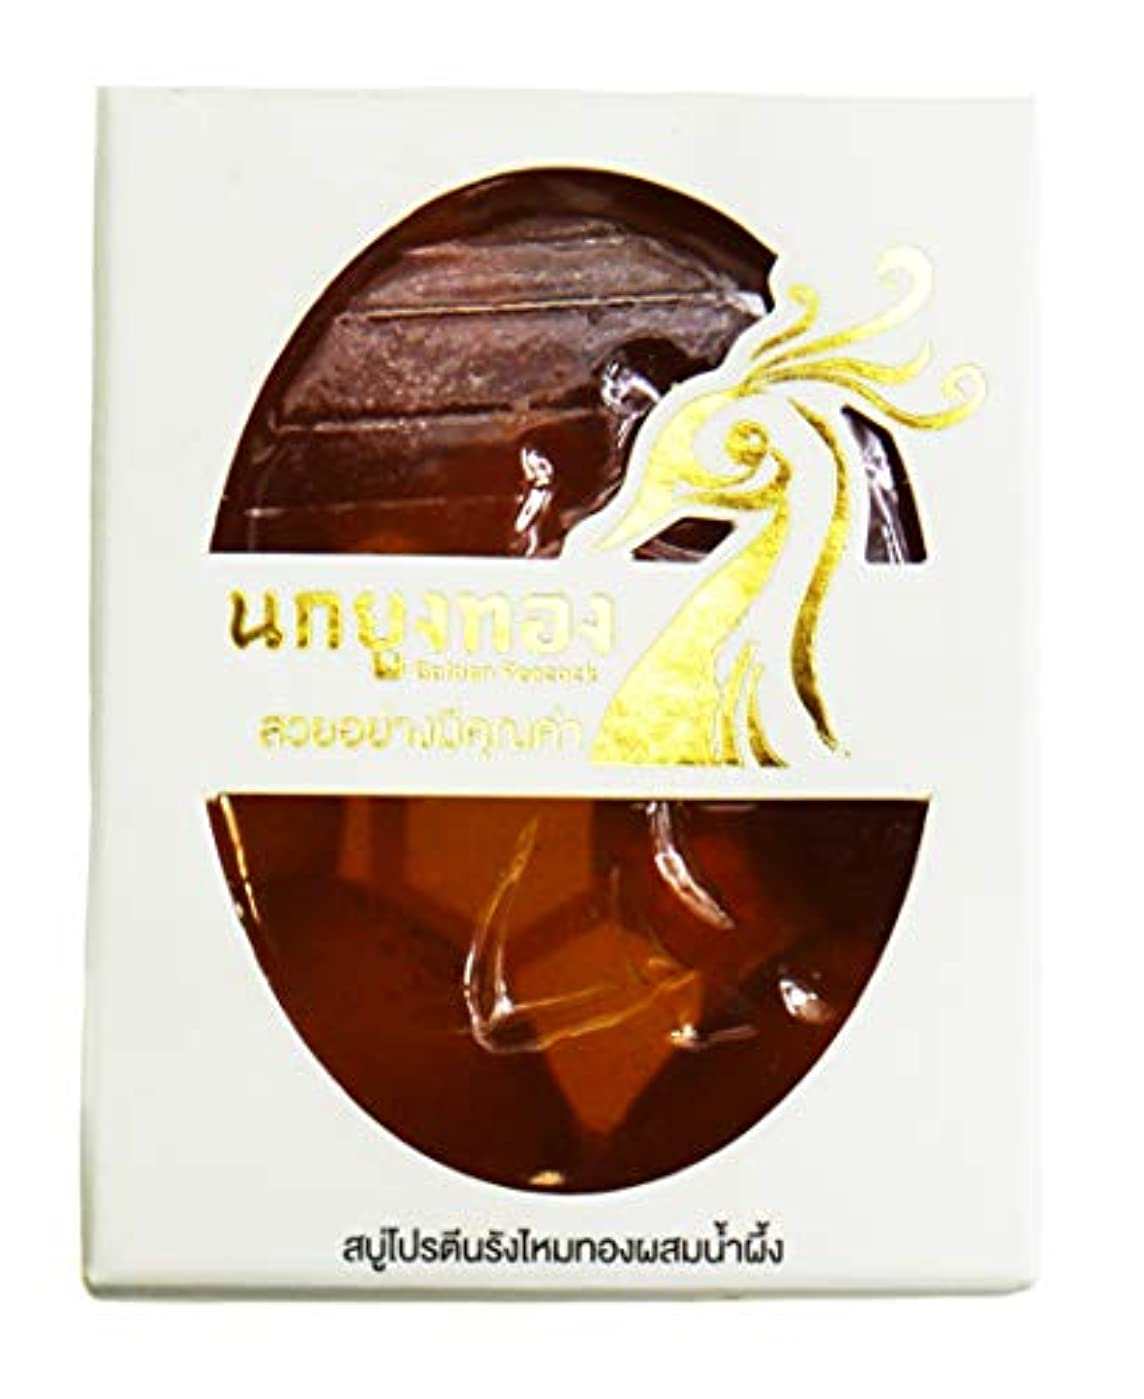 無限文明沿ってまゆ玉蜂蜜石鹸 Thai Golden Cocoon Honey Soap 黄金繭玉入蜂蜜石鹸